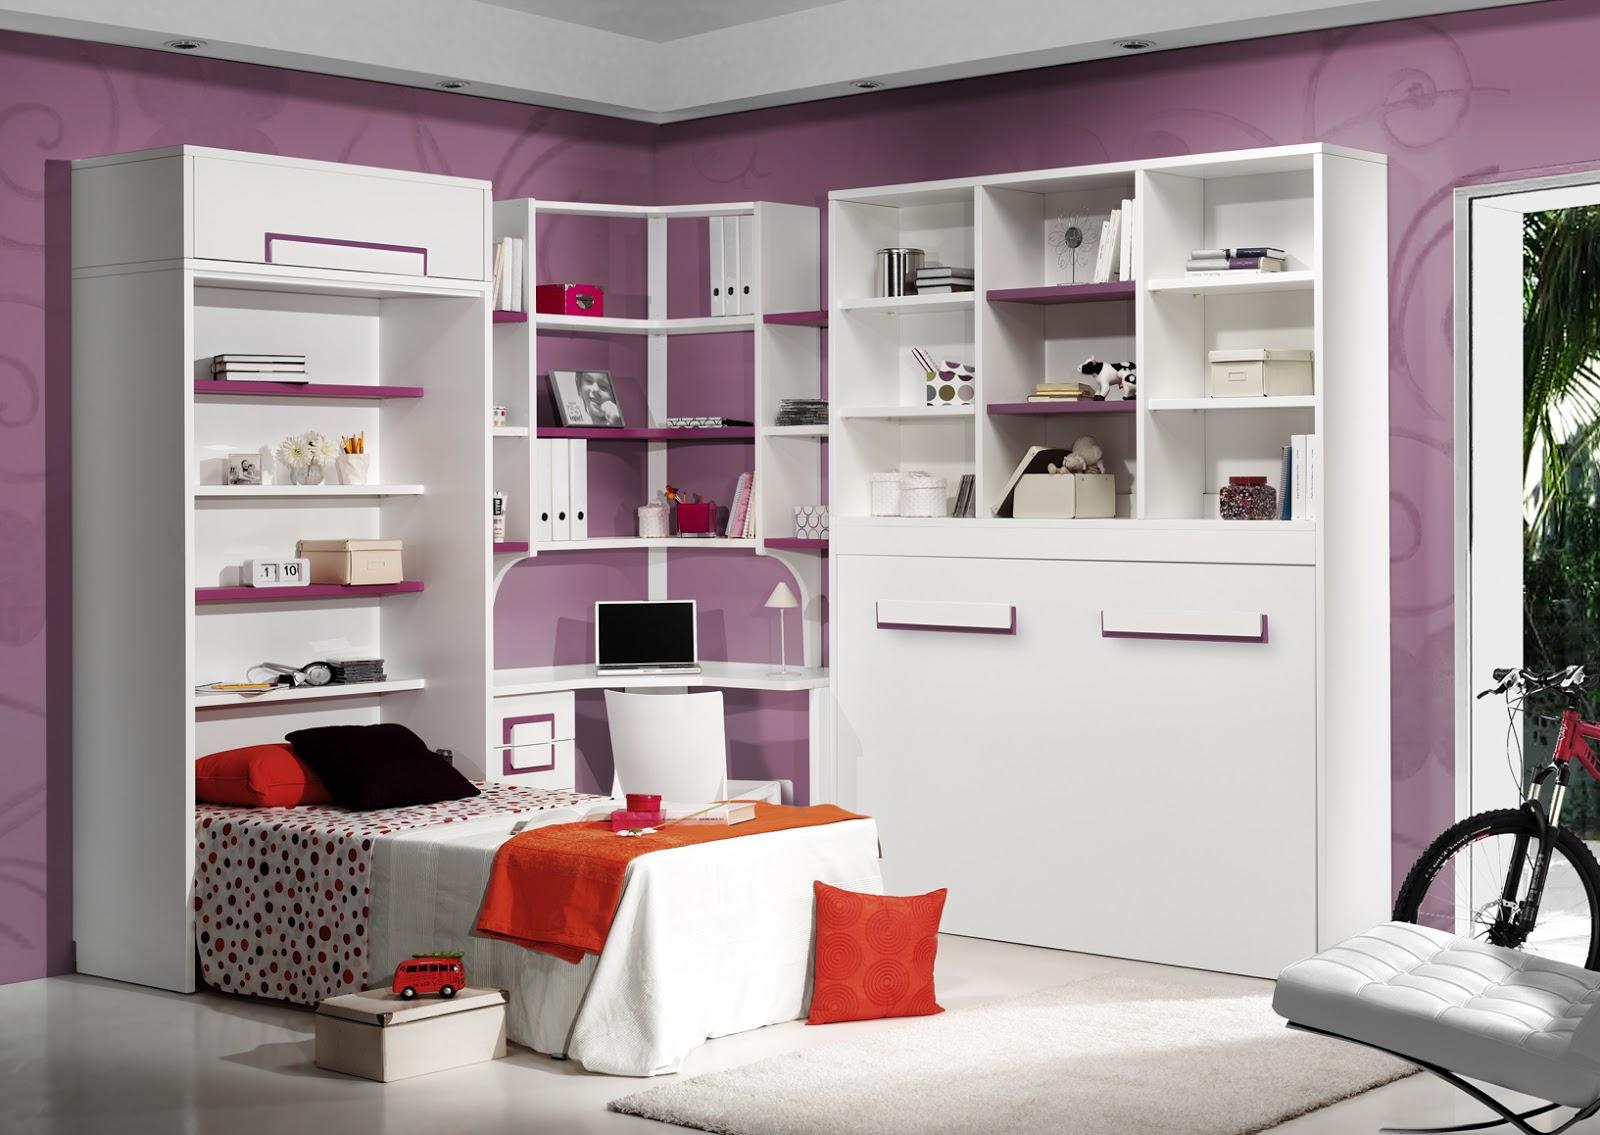 Soluciones para habitaciones peque as - Decoracion habitacion individual ...